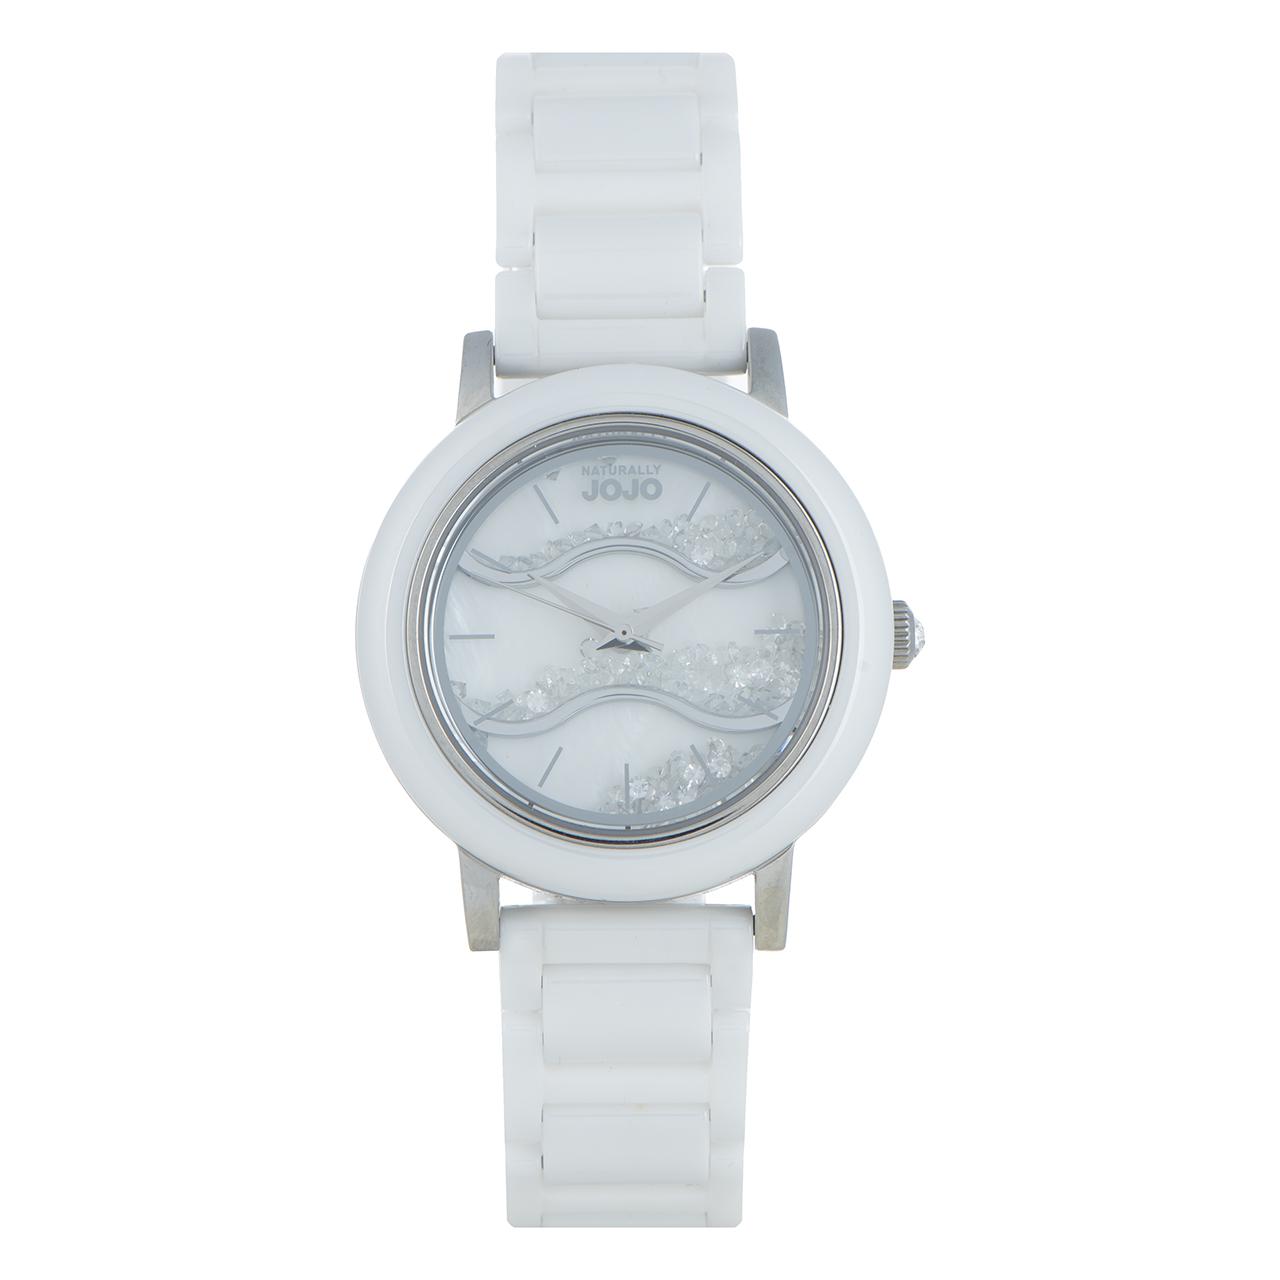 ساعت مچی عقربه ای زنانه نچرالی ژوژو مدل JO96791.A